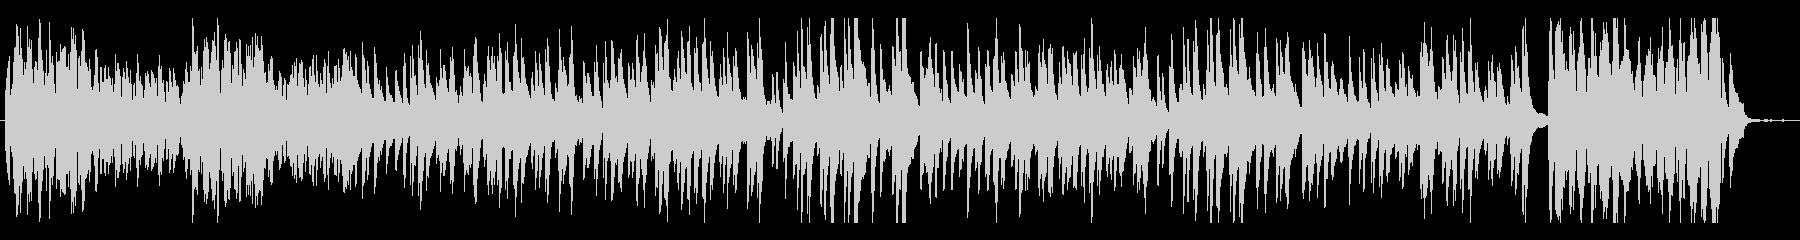 ショパン ピアノ曲 ワルツ第11番・高音の未再生の波形